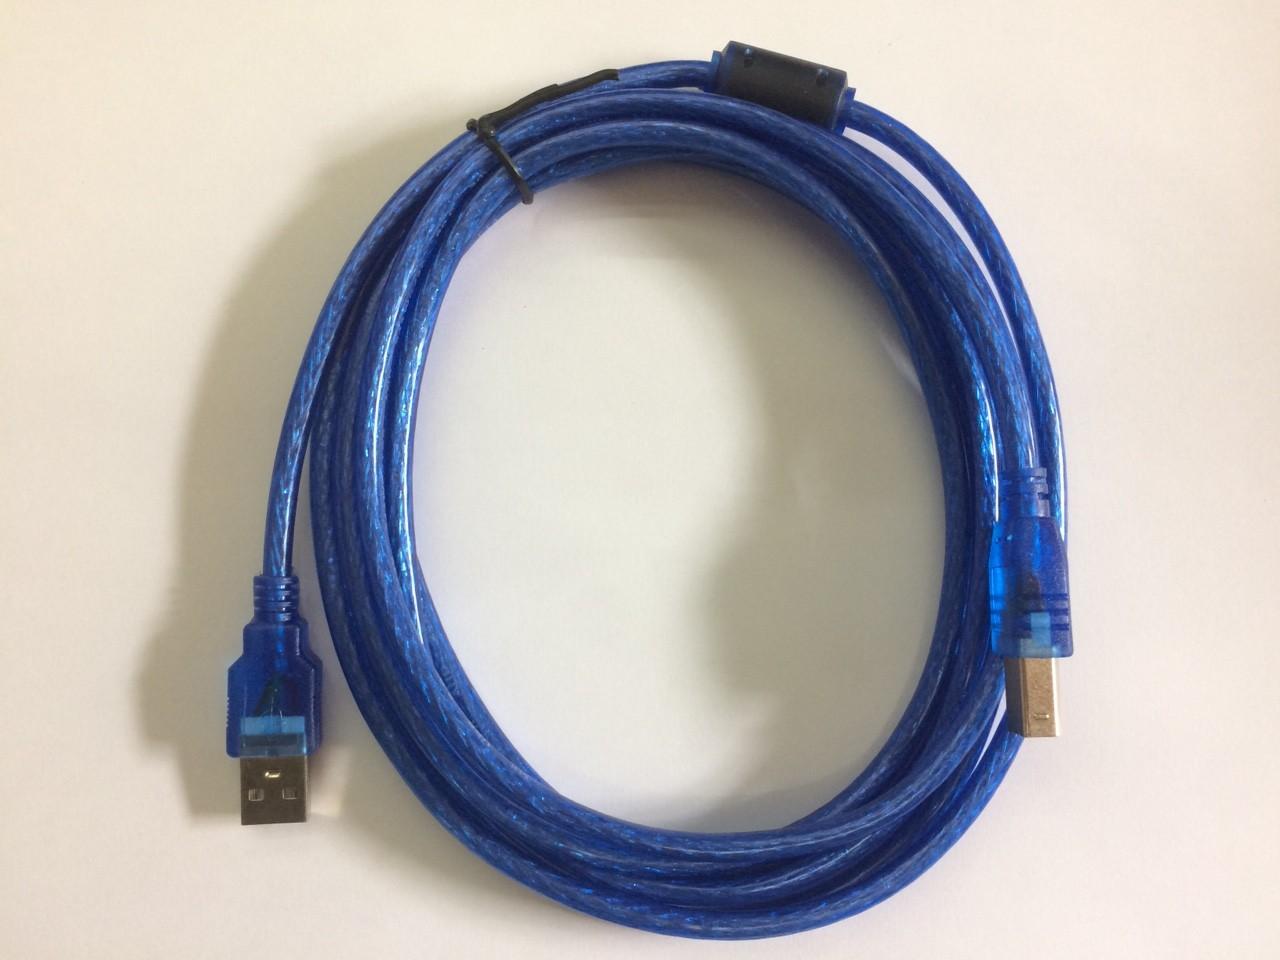 Dây cáp kết nối máy in USB dài 3m( xanh)